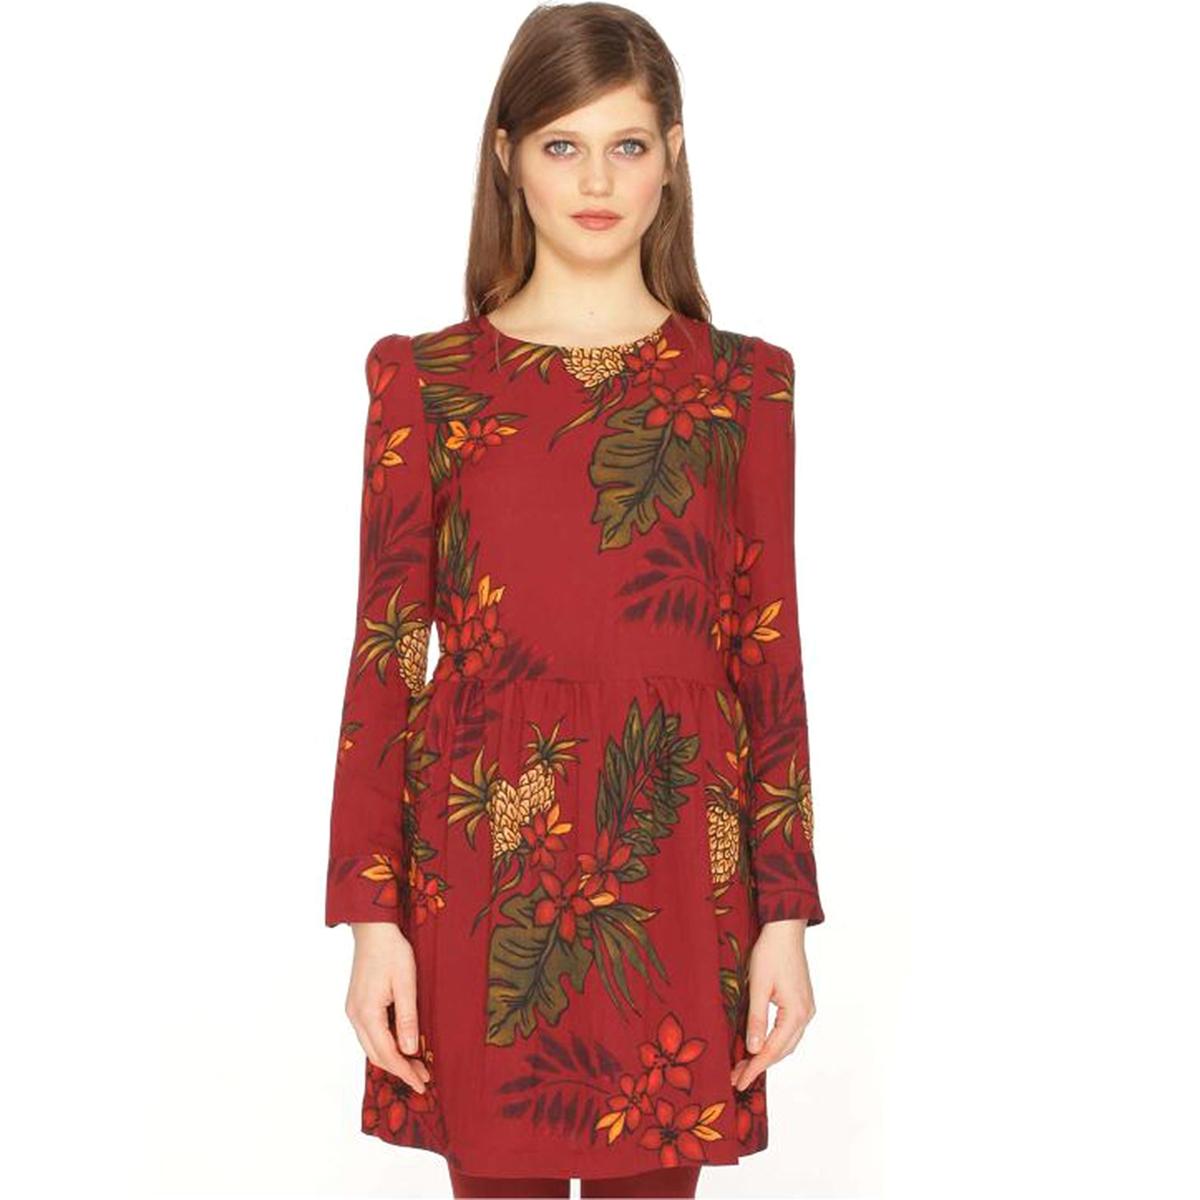 Платье короткое с длинными рукавамиДетали •  Форма : расклешенная •  Короткое  •  Длинные рукава     •  Круглый вырез •  Рисунок-принтСостав и уход •  100% полиамид  •  Следуйте советам по уходу, указанным на этикетке<br><br>Цвет: рисунок бордовый<br>Размер: L